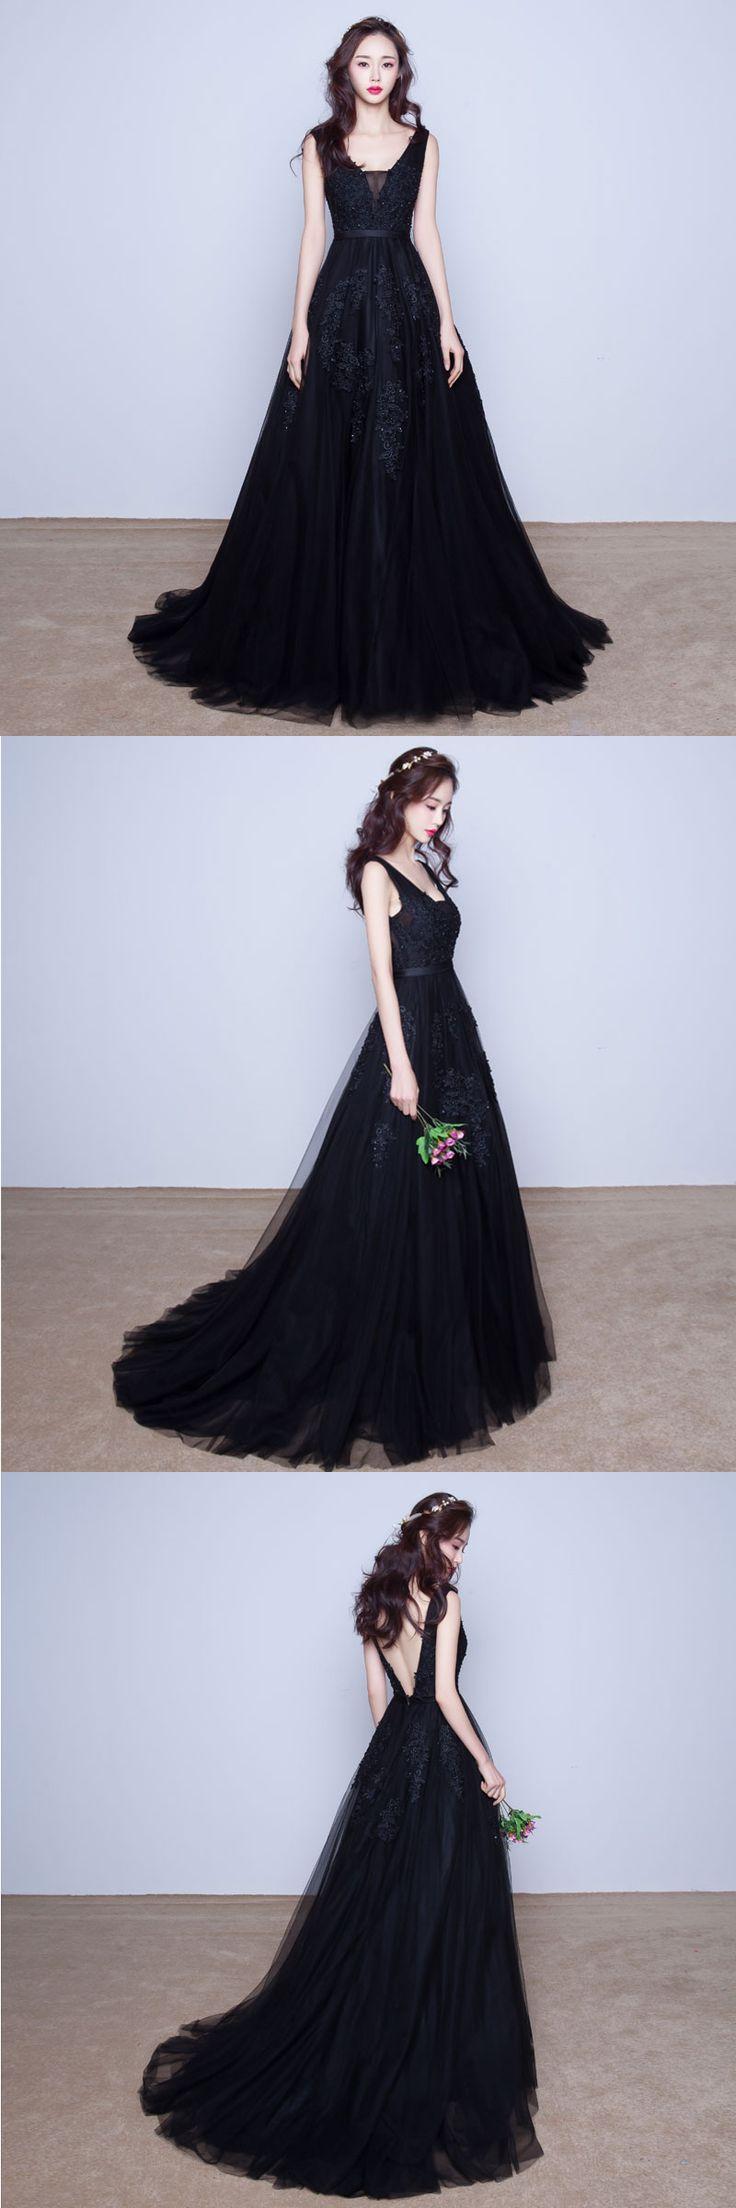 best prom dress images on pinterest formal dresses formal prom